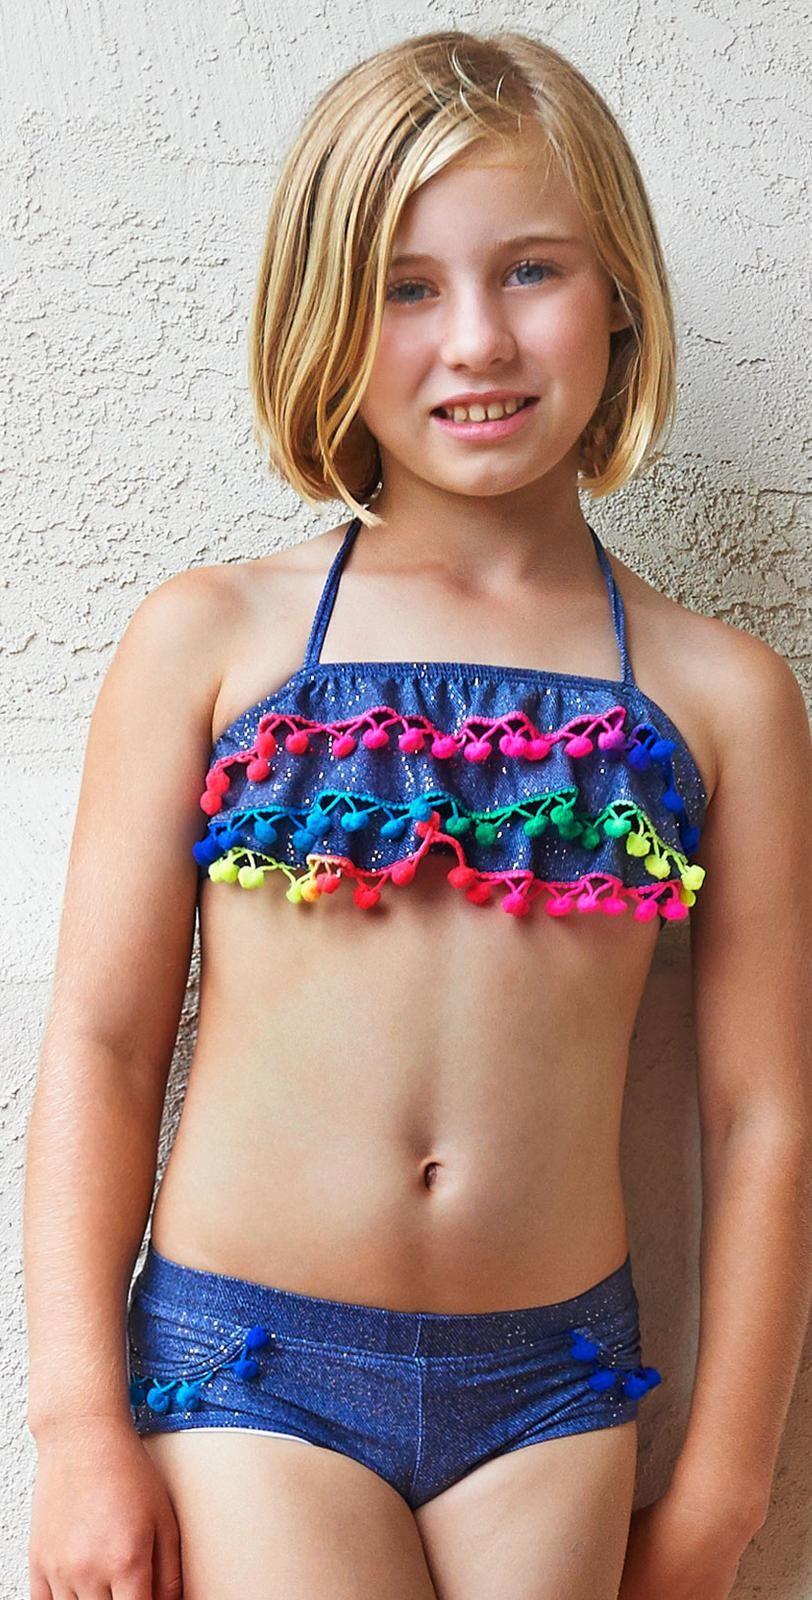 Preteen in bikini